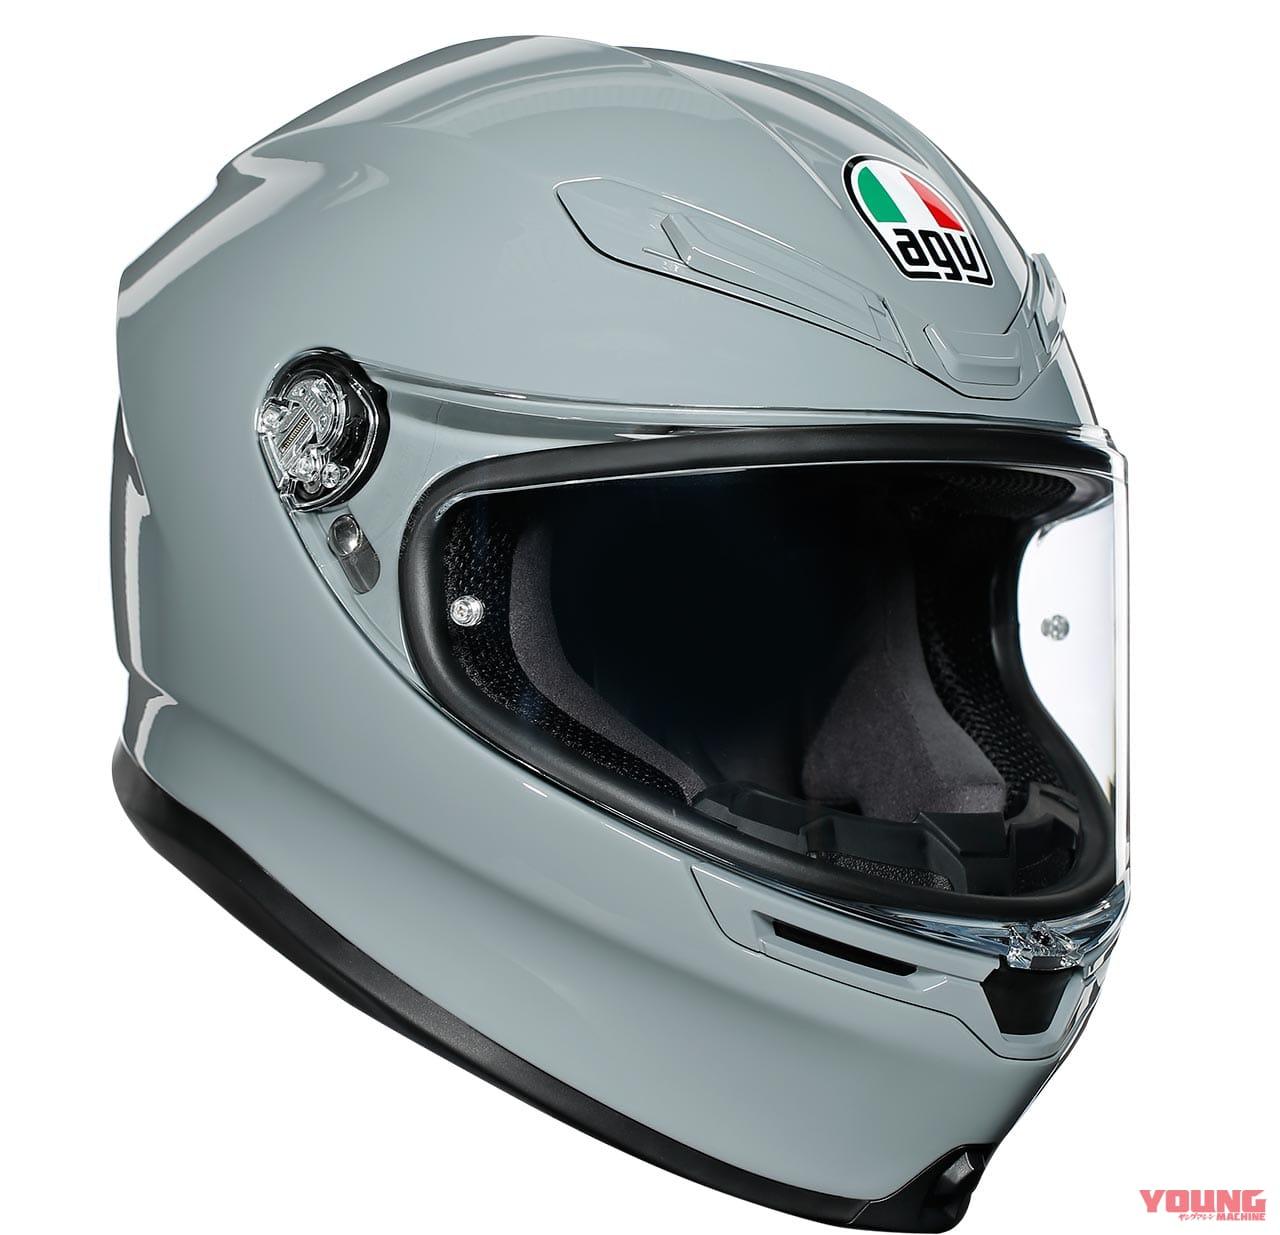 伊AGVのプレミアムスポーツヘルメット「K6」が2/1に発売